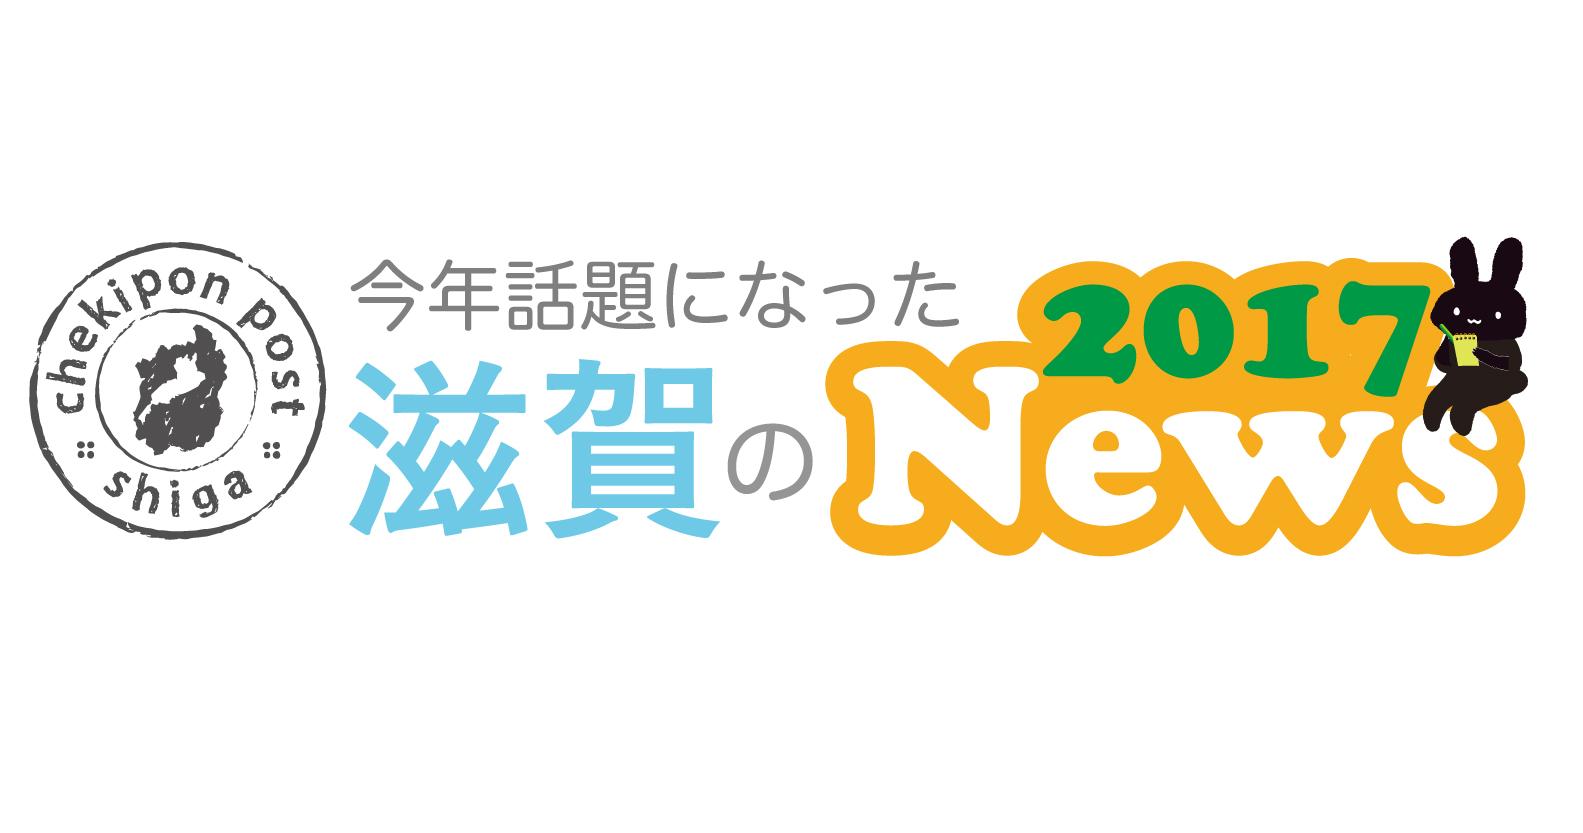 【編集部が必死に思い出す】2017年滋賀の10大ニュース